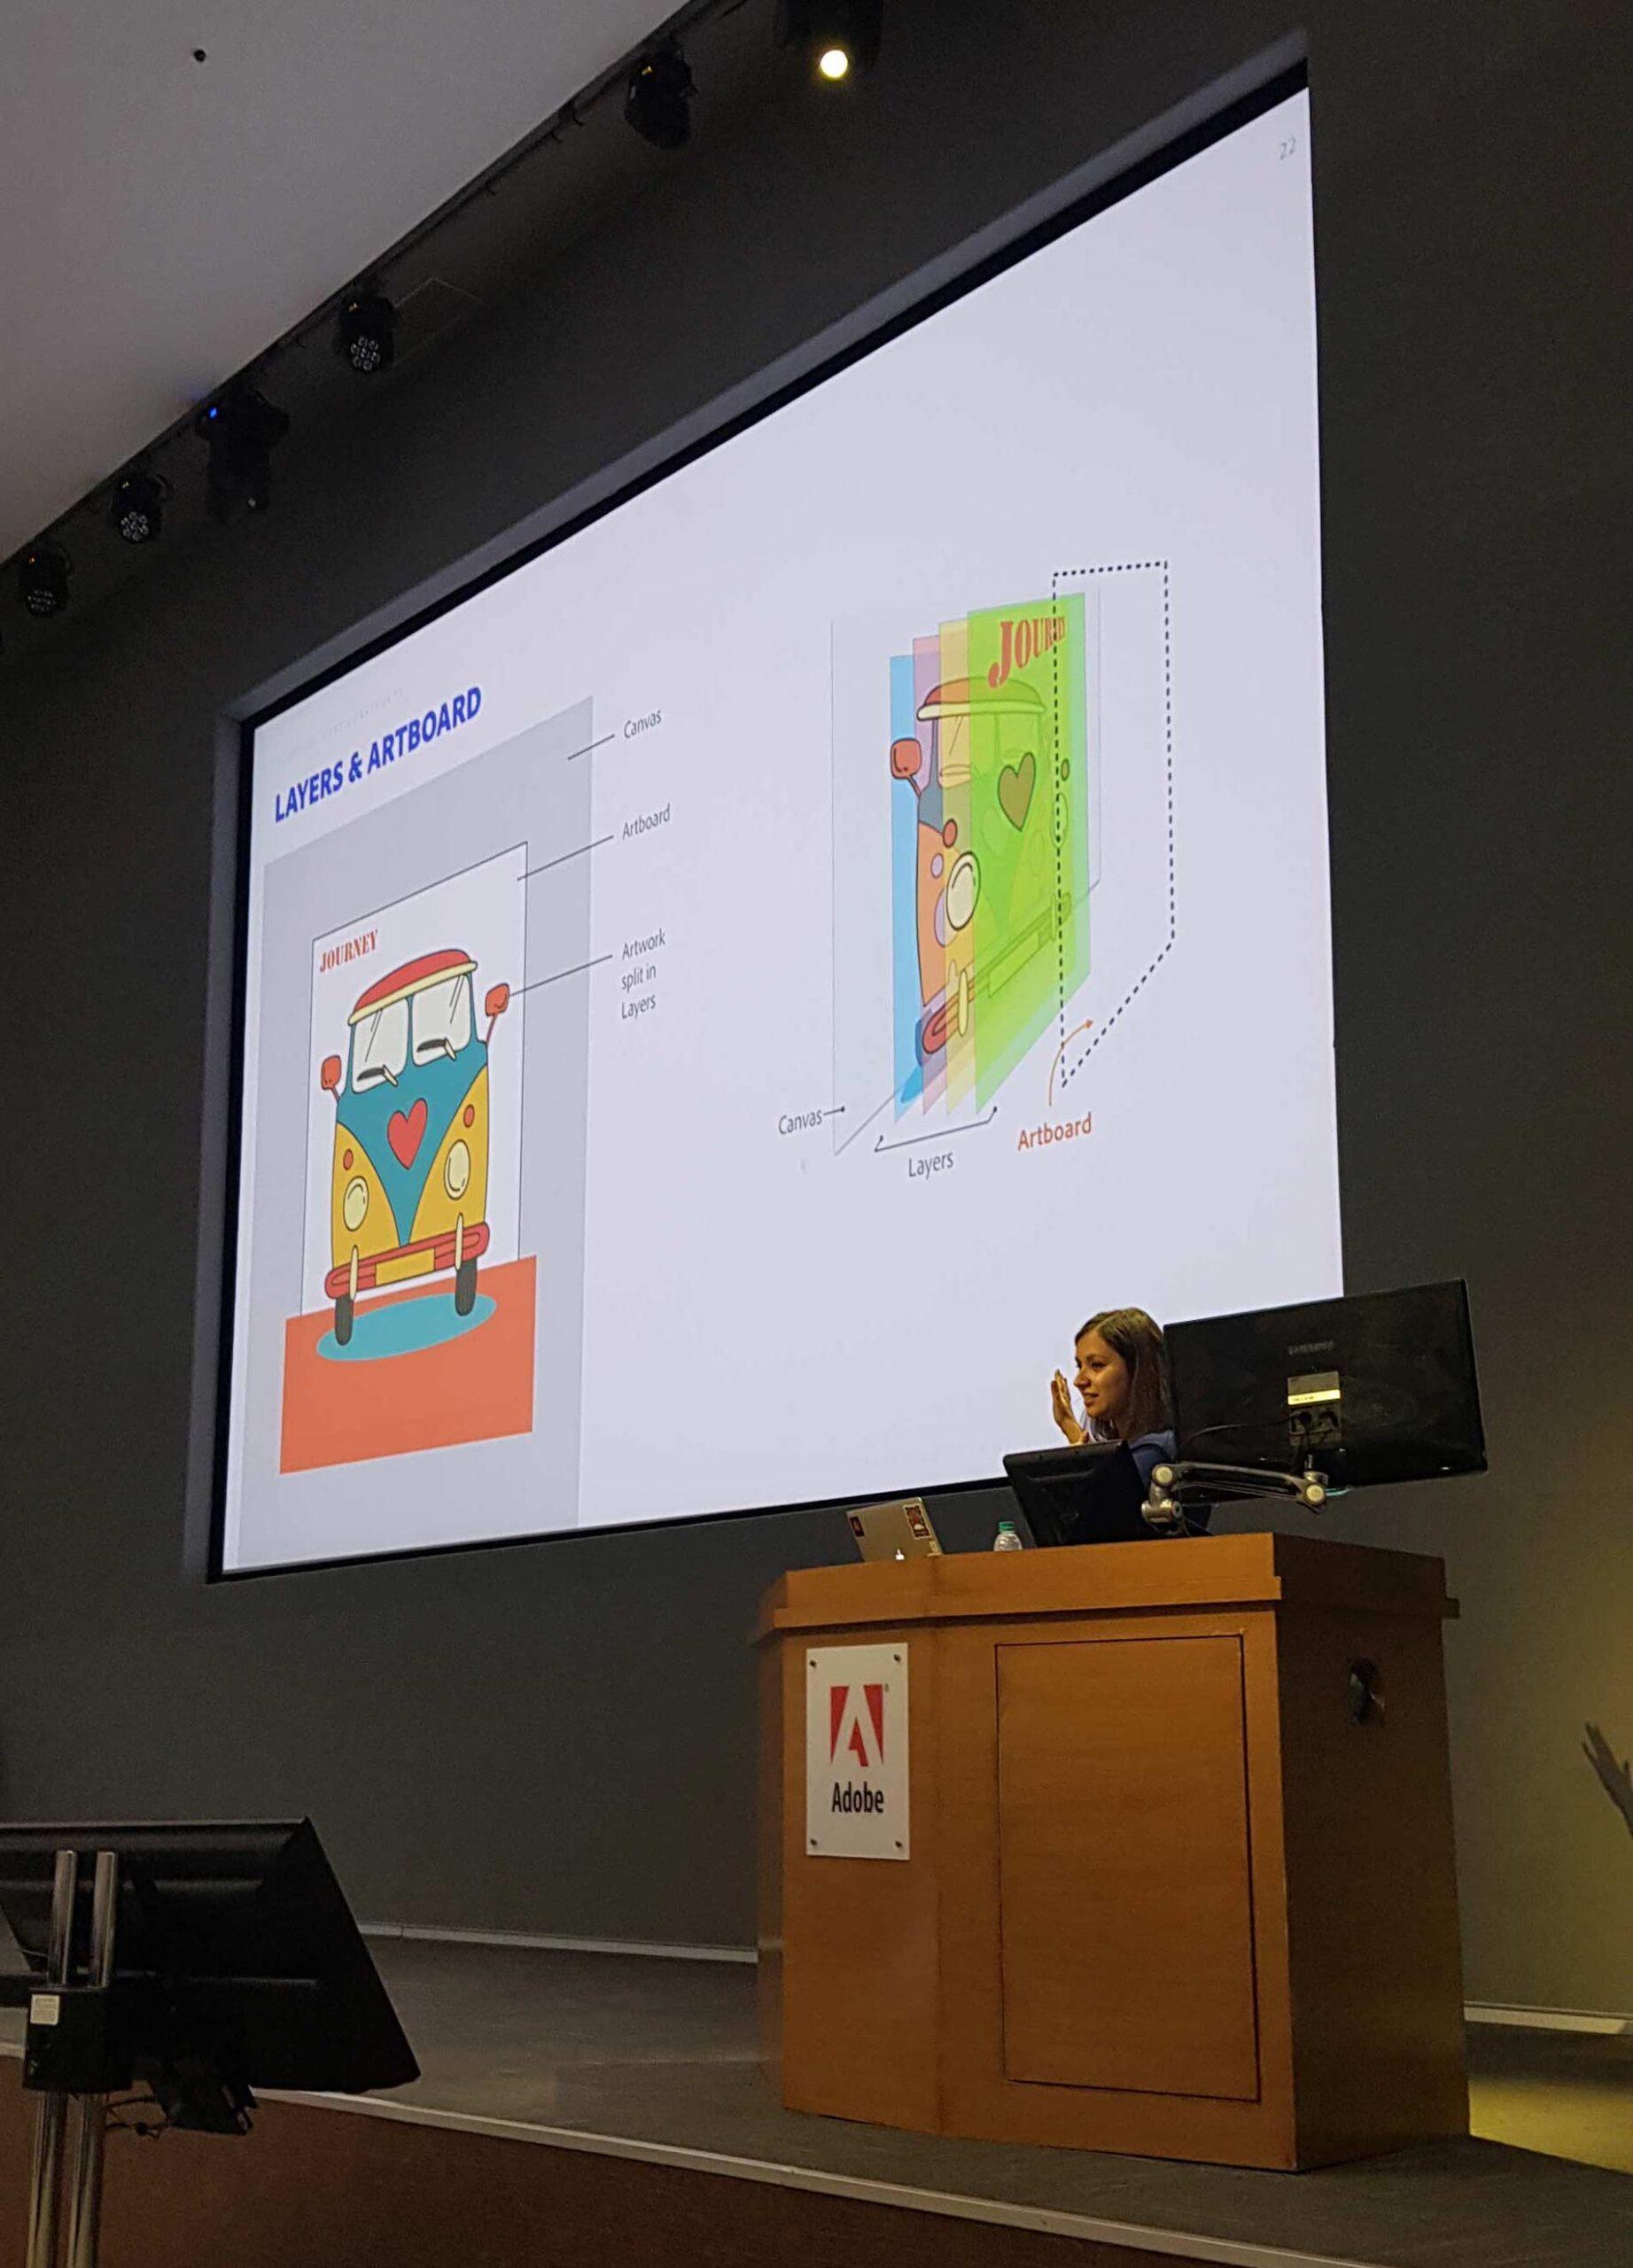 Taniya Presenting at Adobe Max